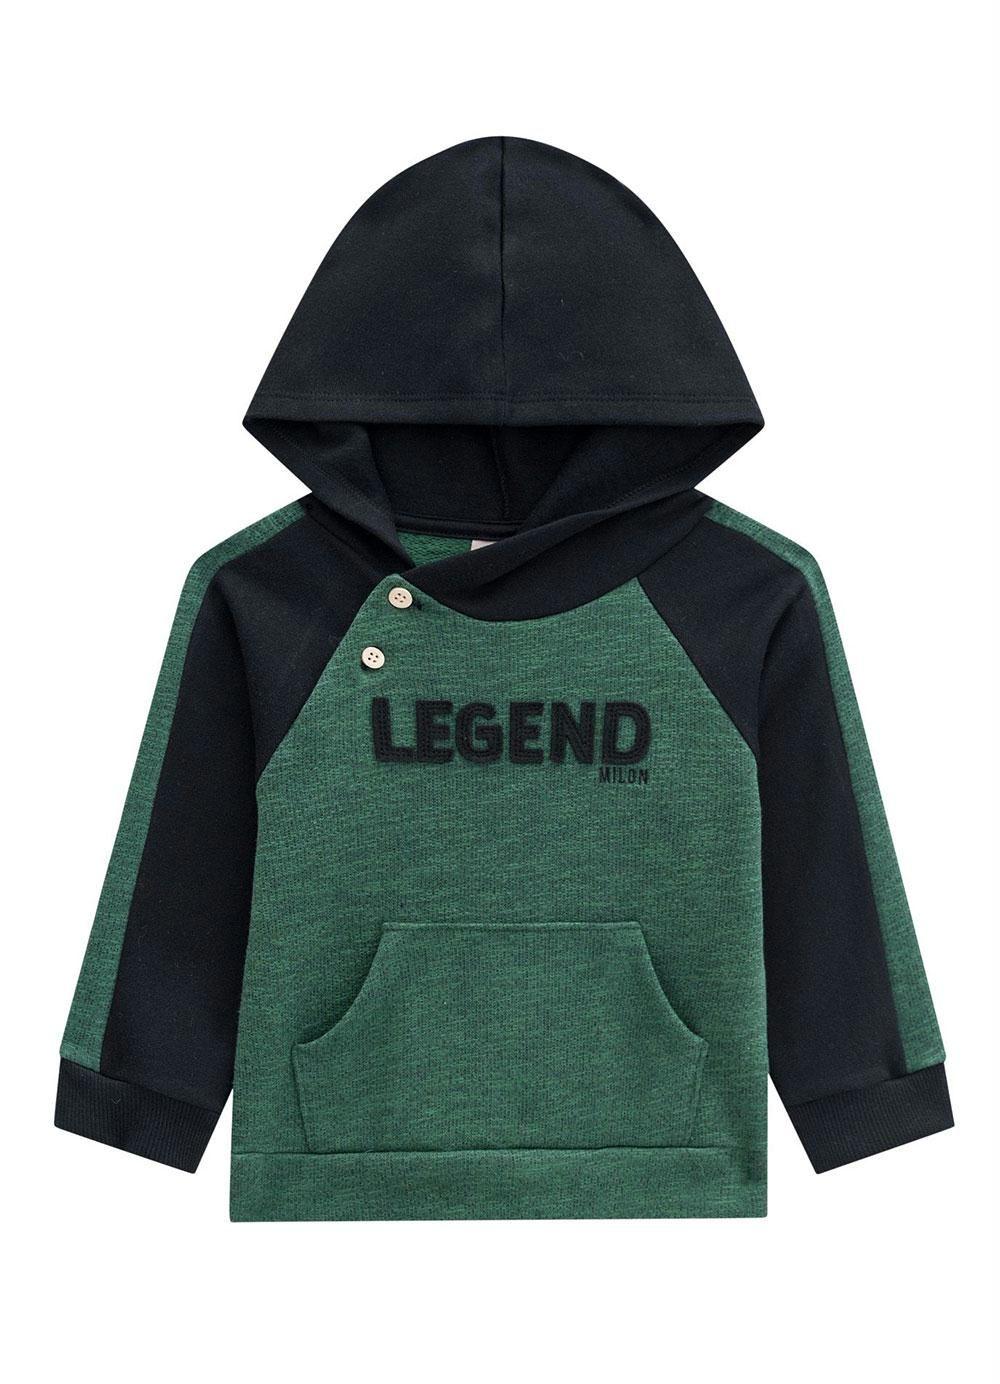 Conjunto De Moletom Casaco E Calça Legend Verde Milon